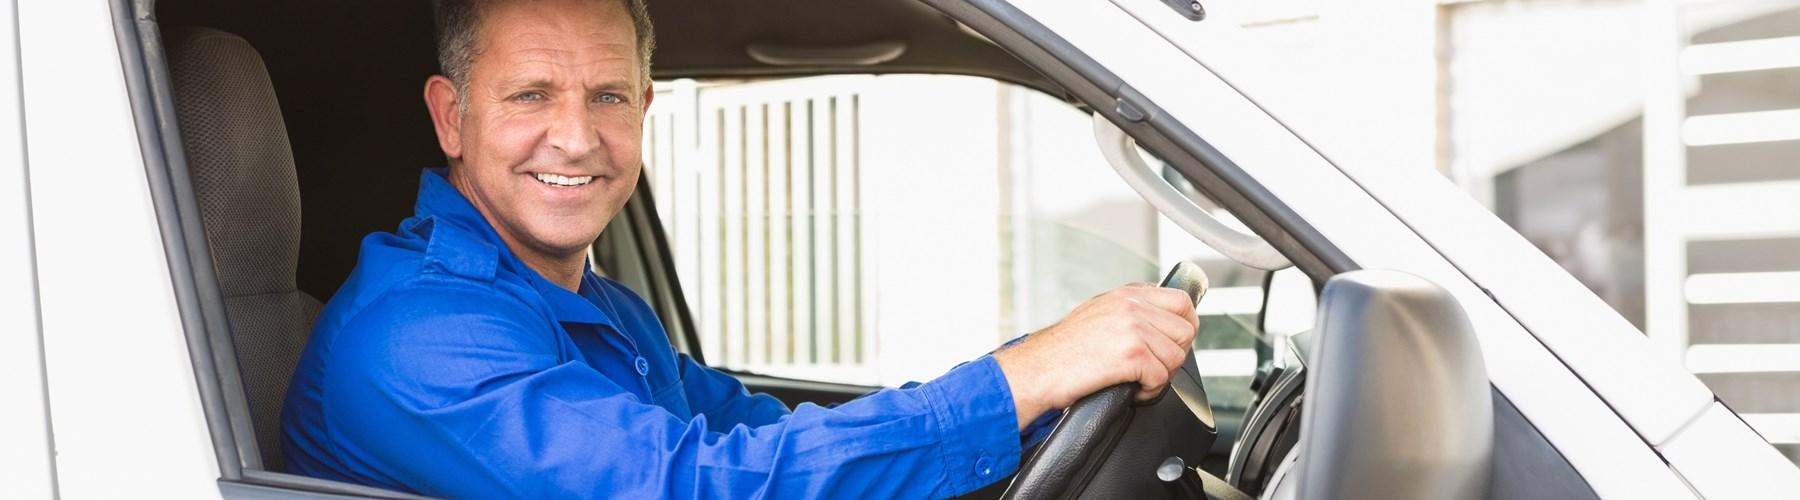 Smiling man driving a white van